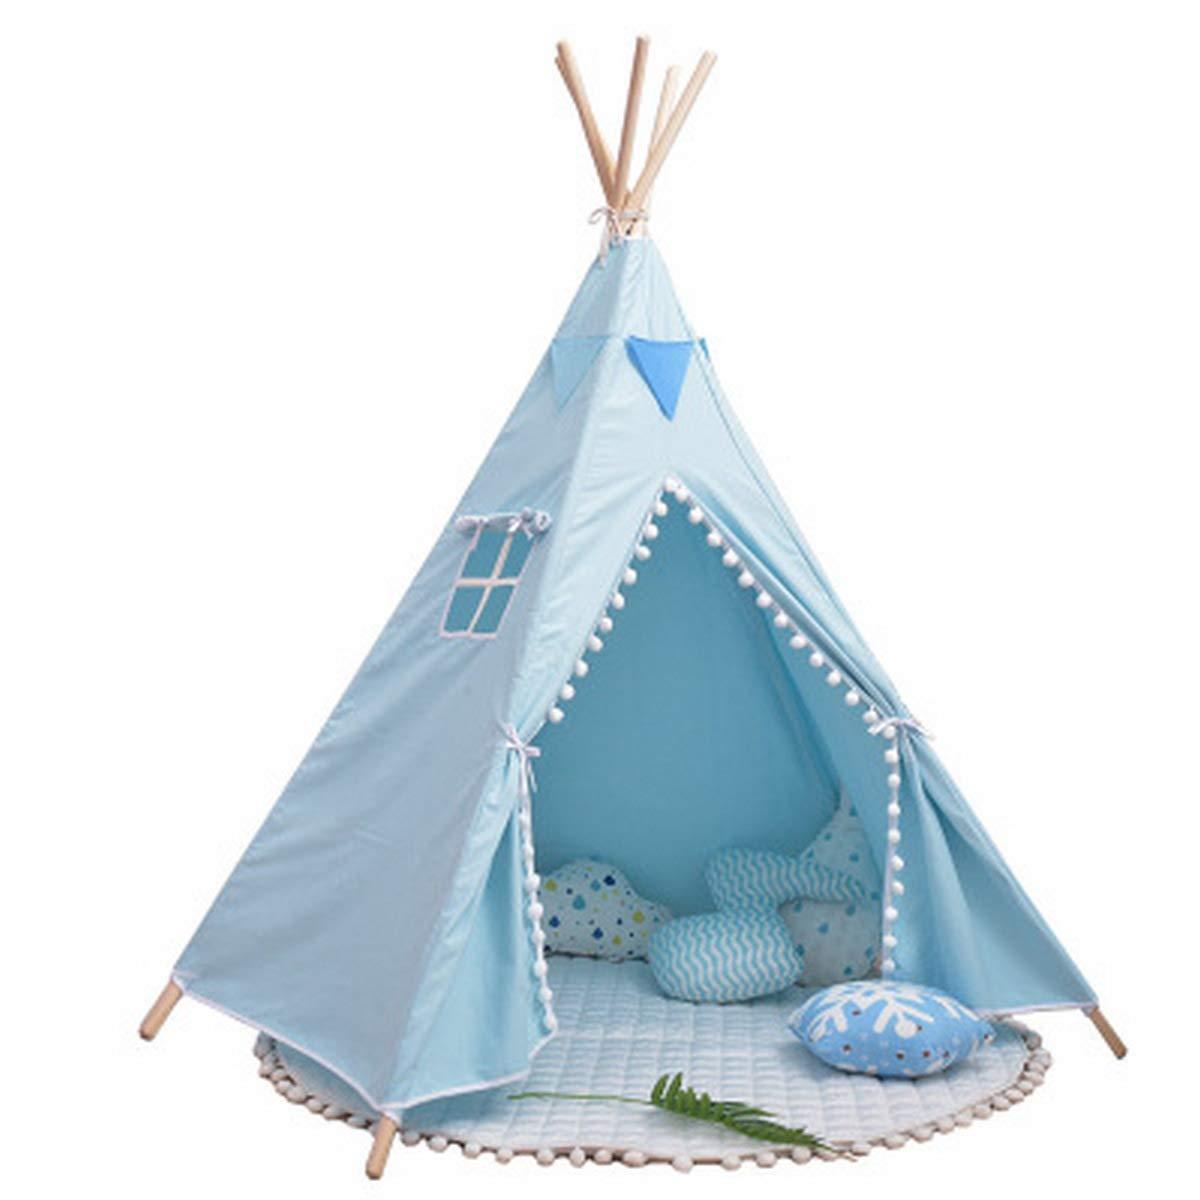 Plgga Tipi Zelt Für Kinderkabine Spielhaus Indischen Zelt Stil Weicher Baumwolle Leinwand Material Geeignet Für Außenhof Home Party (140X110x110cm Für 1-2 Personen)